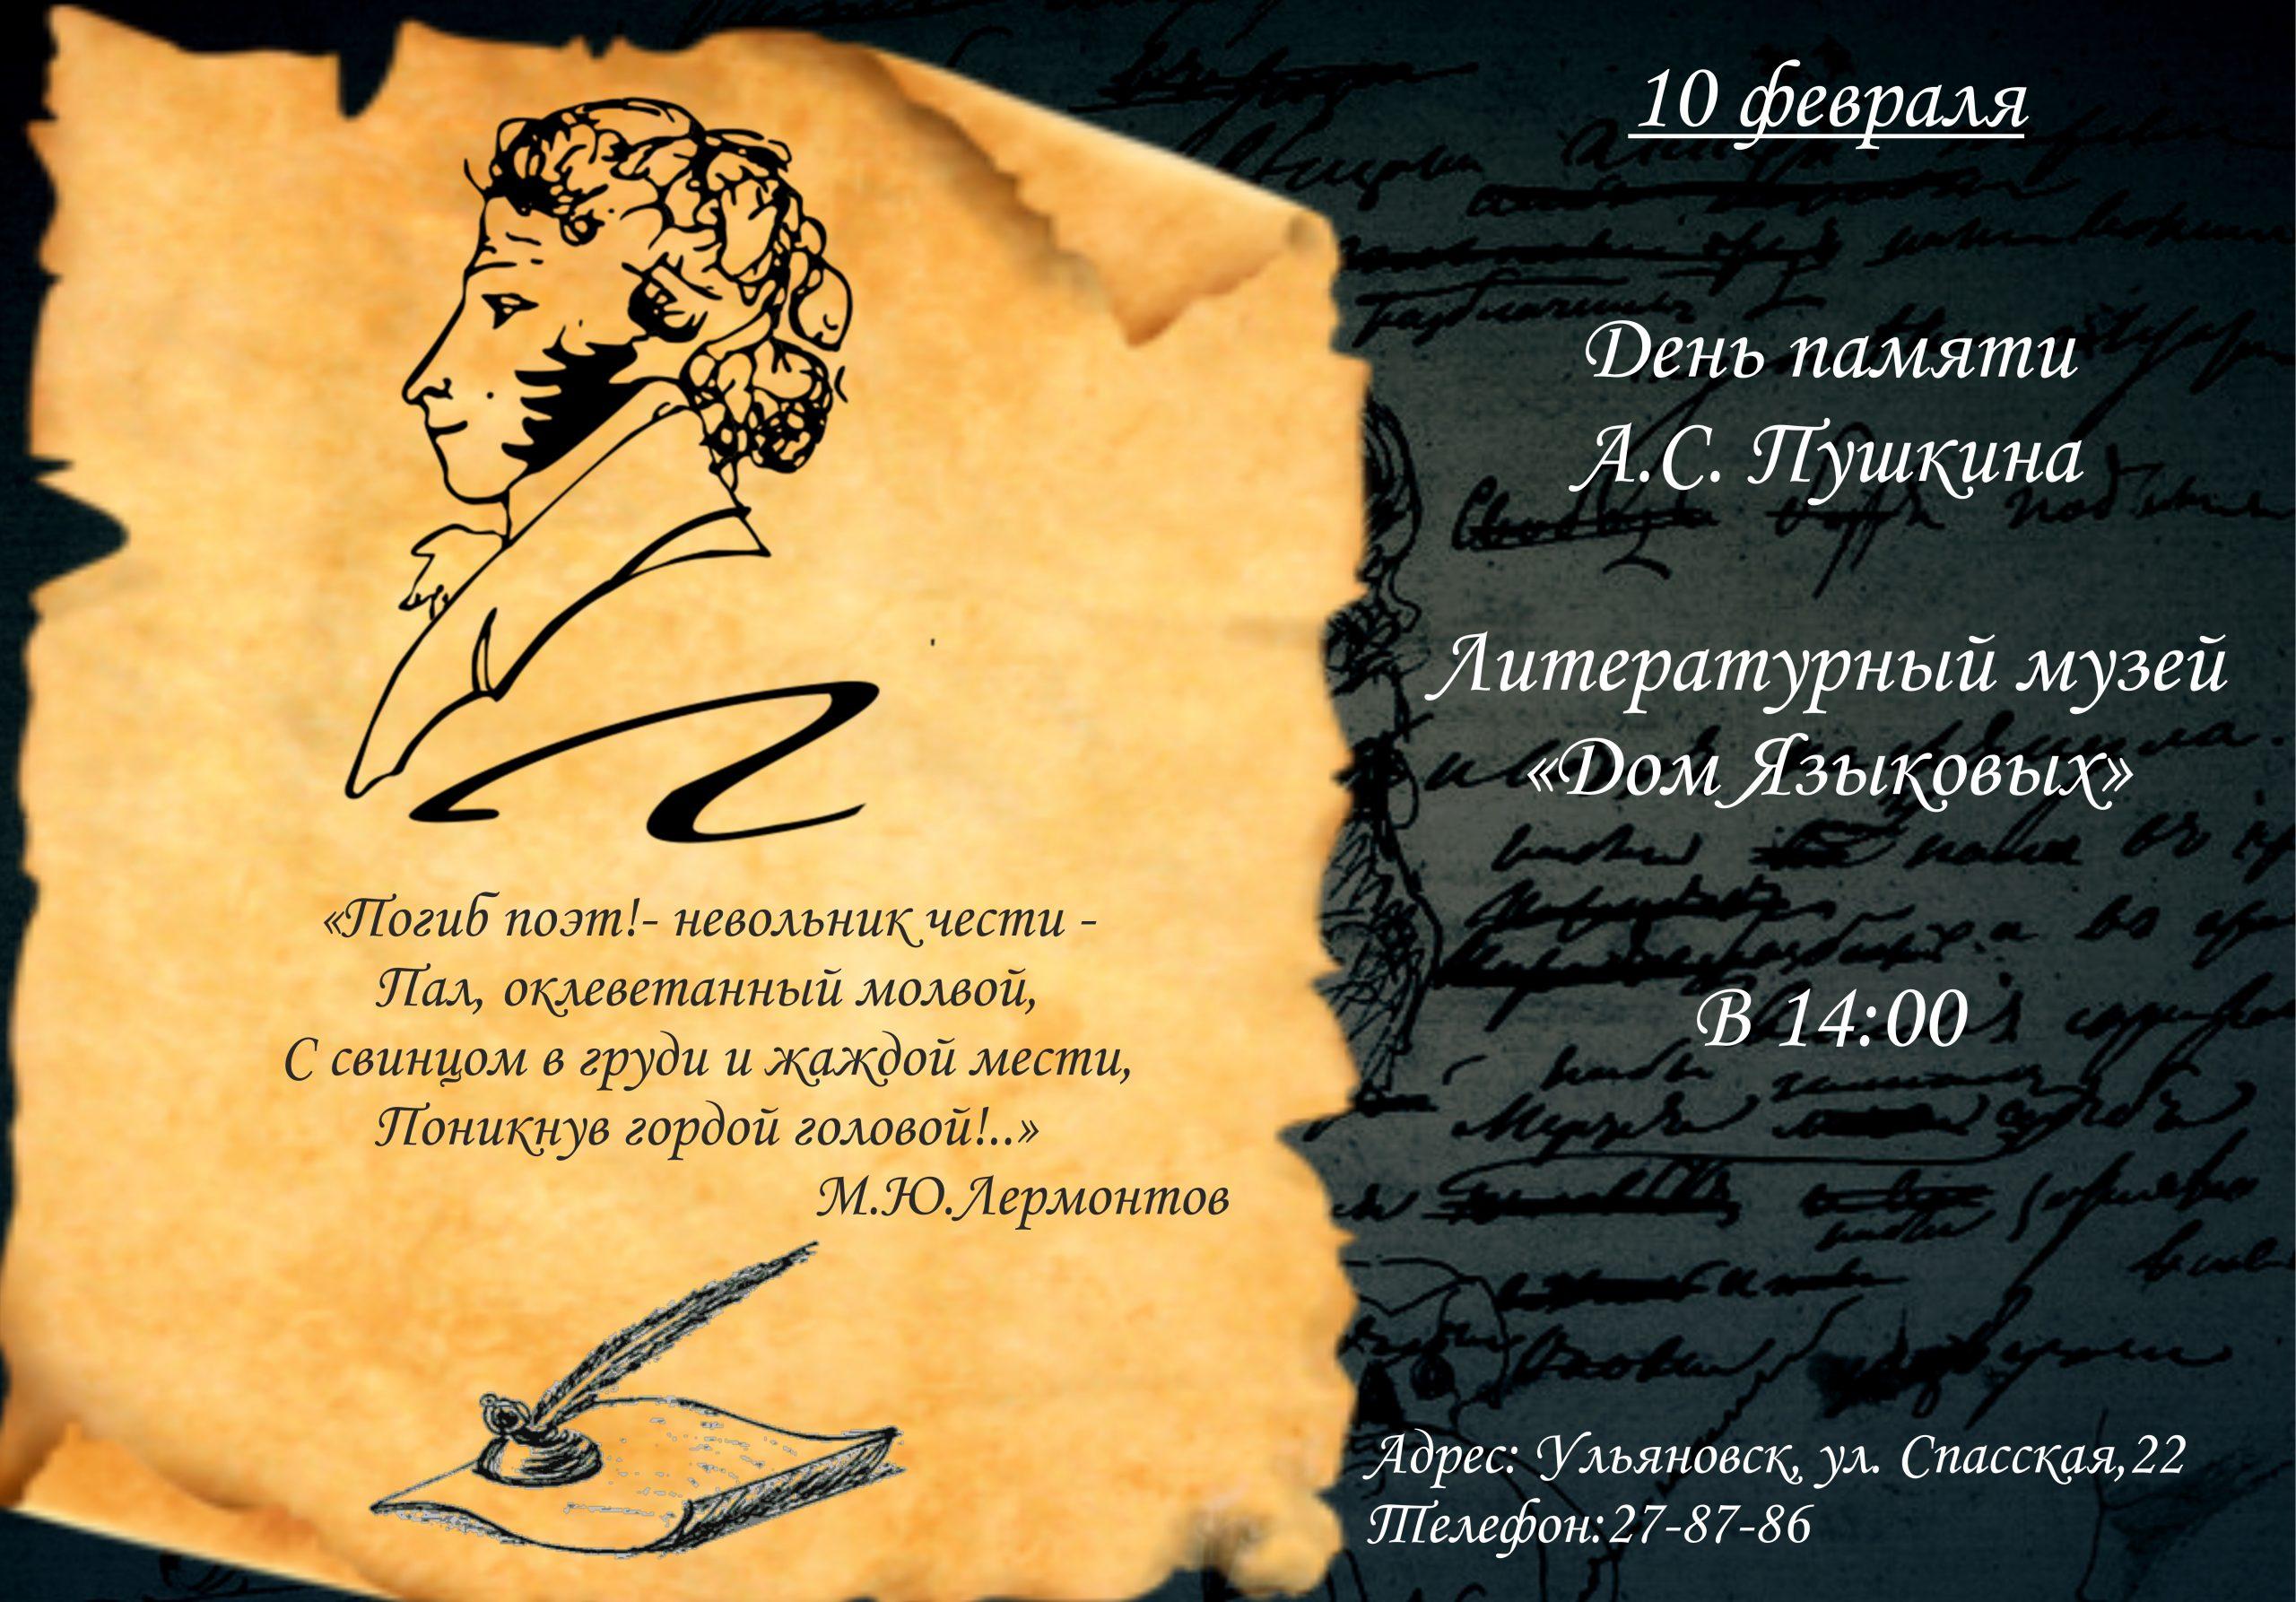 День памяти А.С. Пушкина в Литературном музее «Дом Языковых» @ Литературный музей «Дом Языковых»